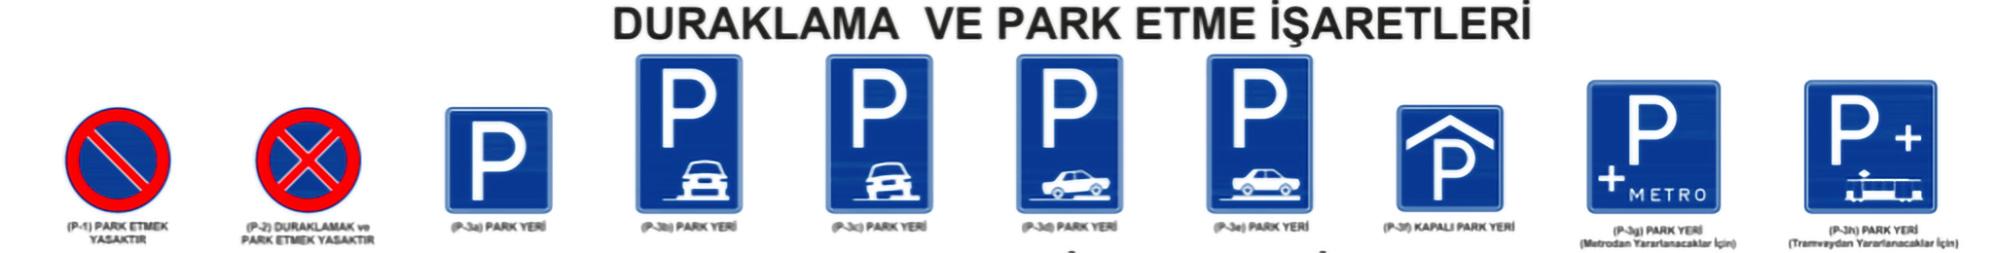 Güvenli Sürüş için Trafik Levha ve Anlamları 1997x1005 04 Levha